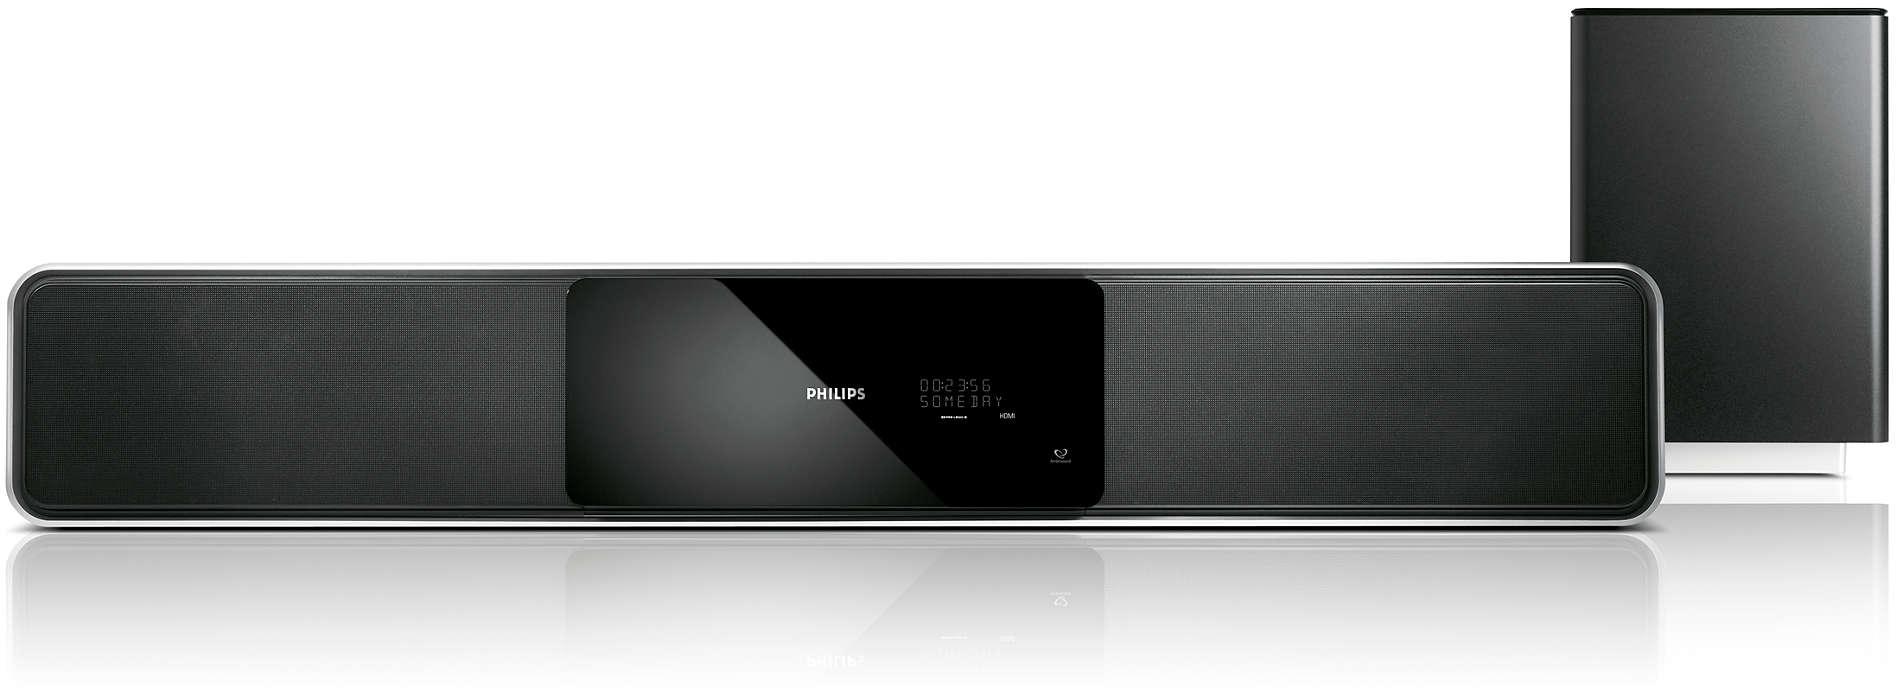 Sistema de cinema em casa 5.1 a partir de uma barra